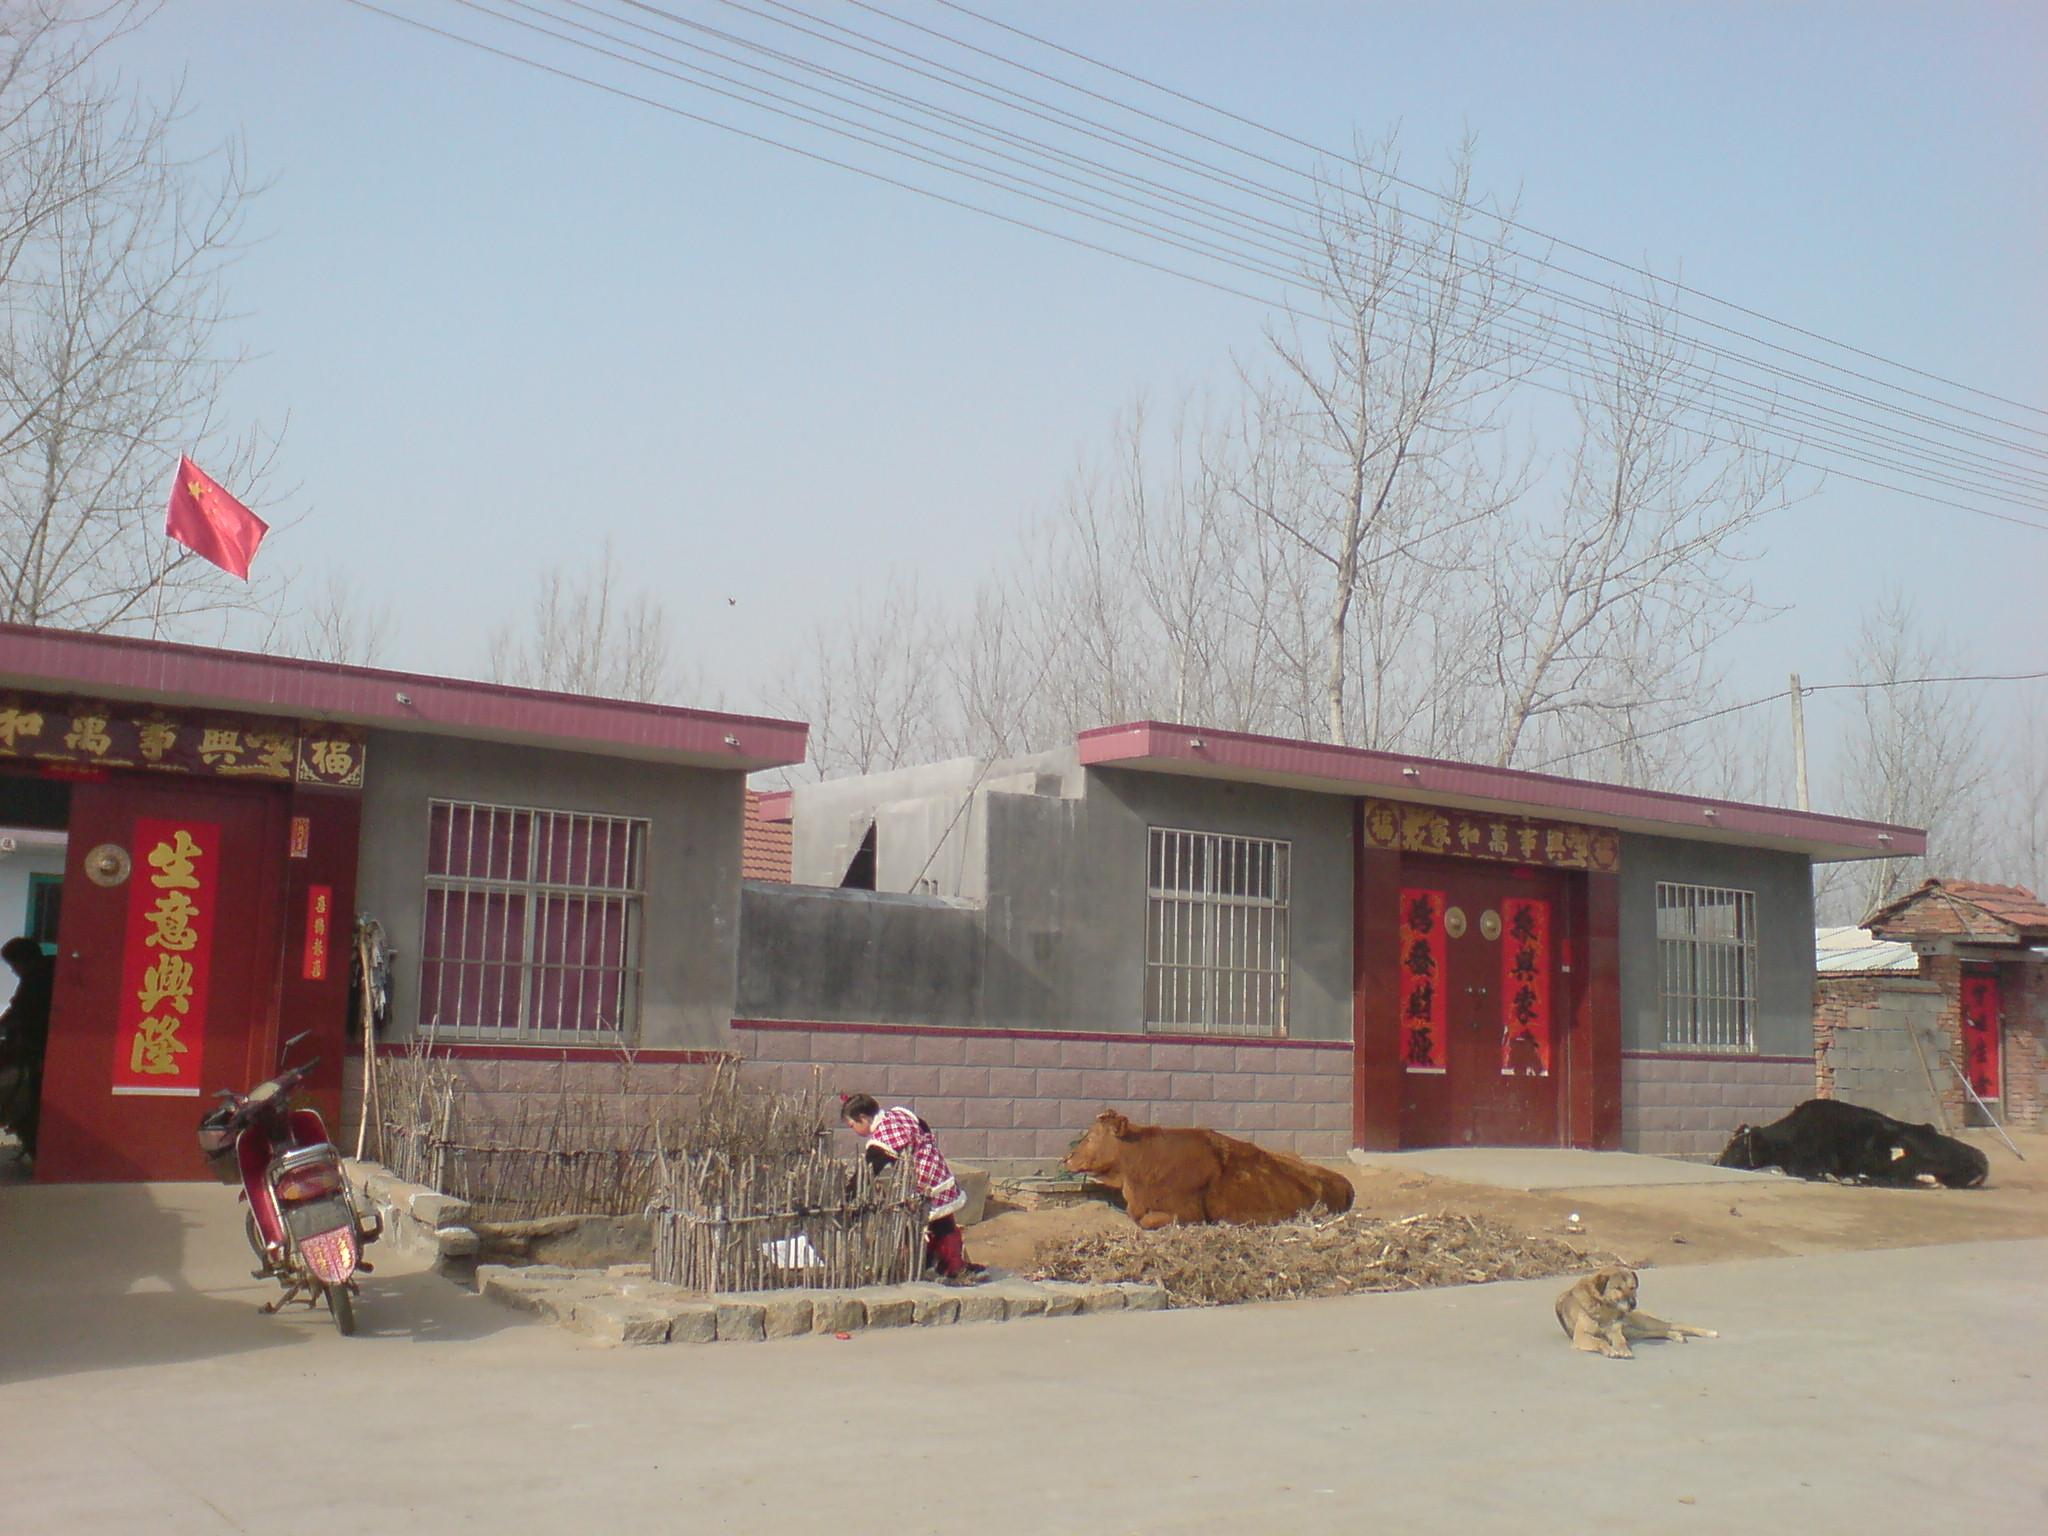 중국 평범한 시골의 풍경